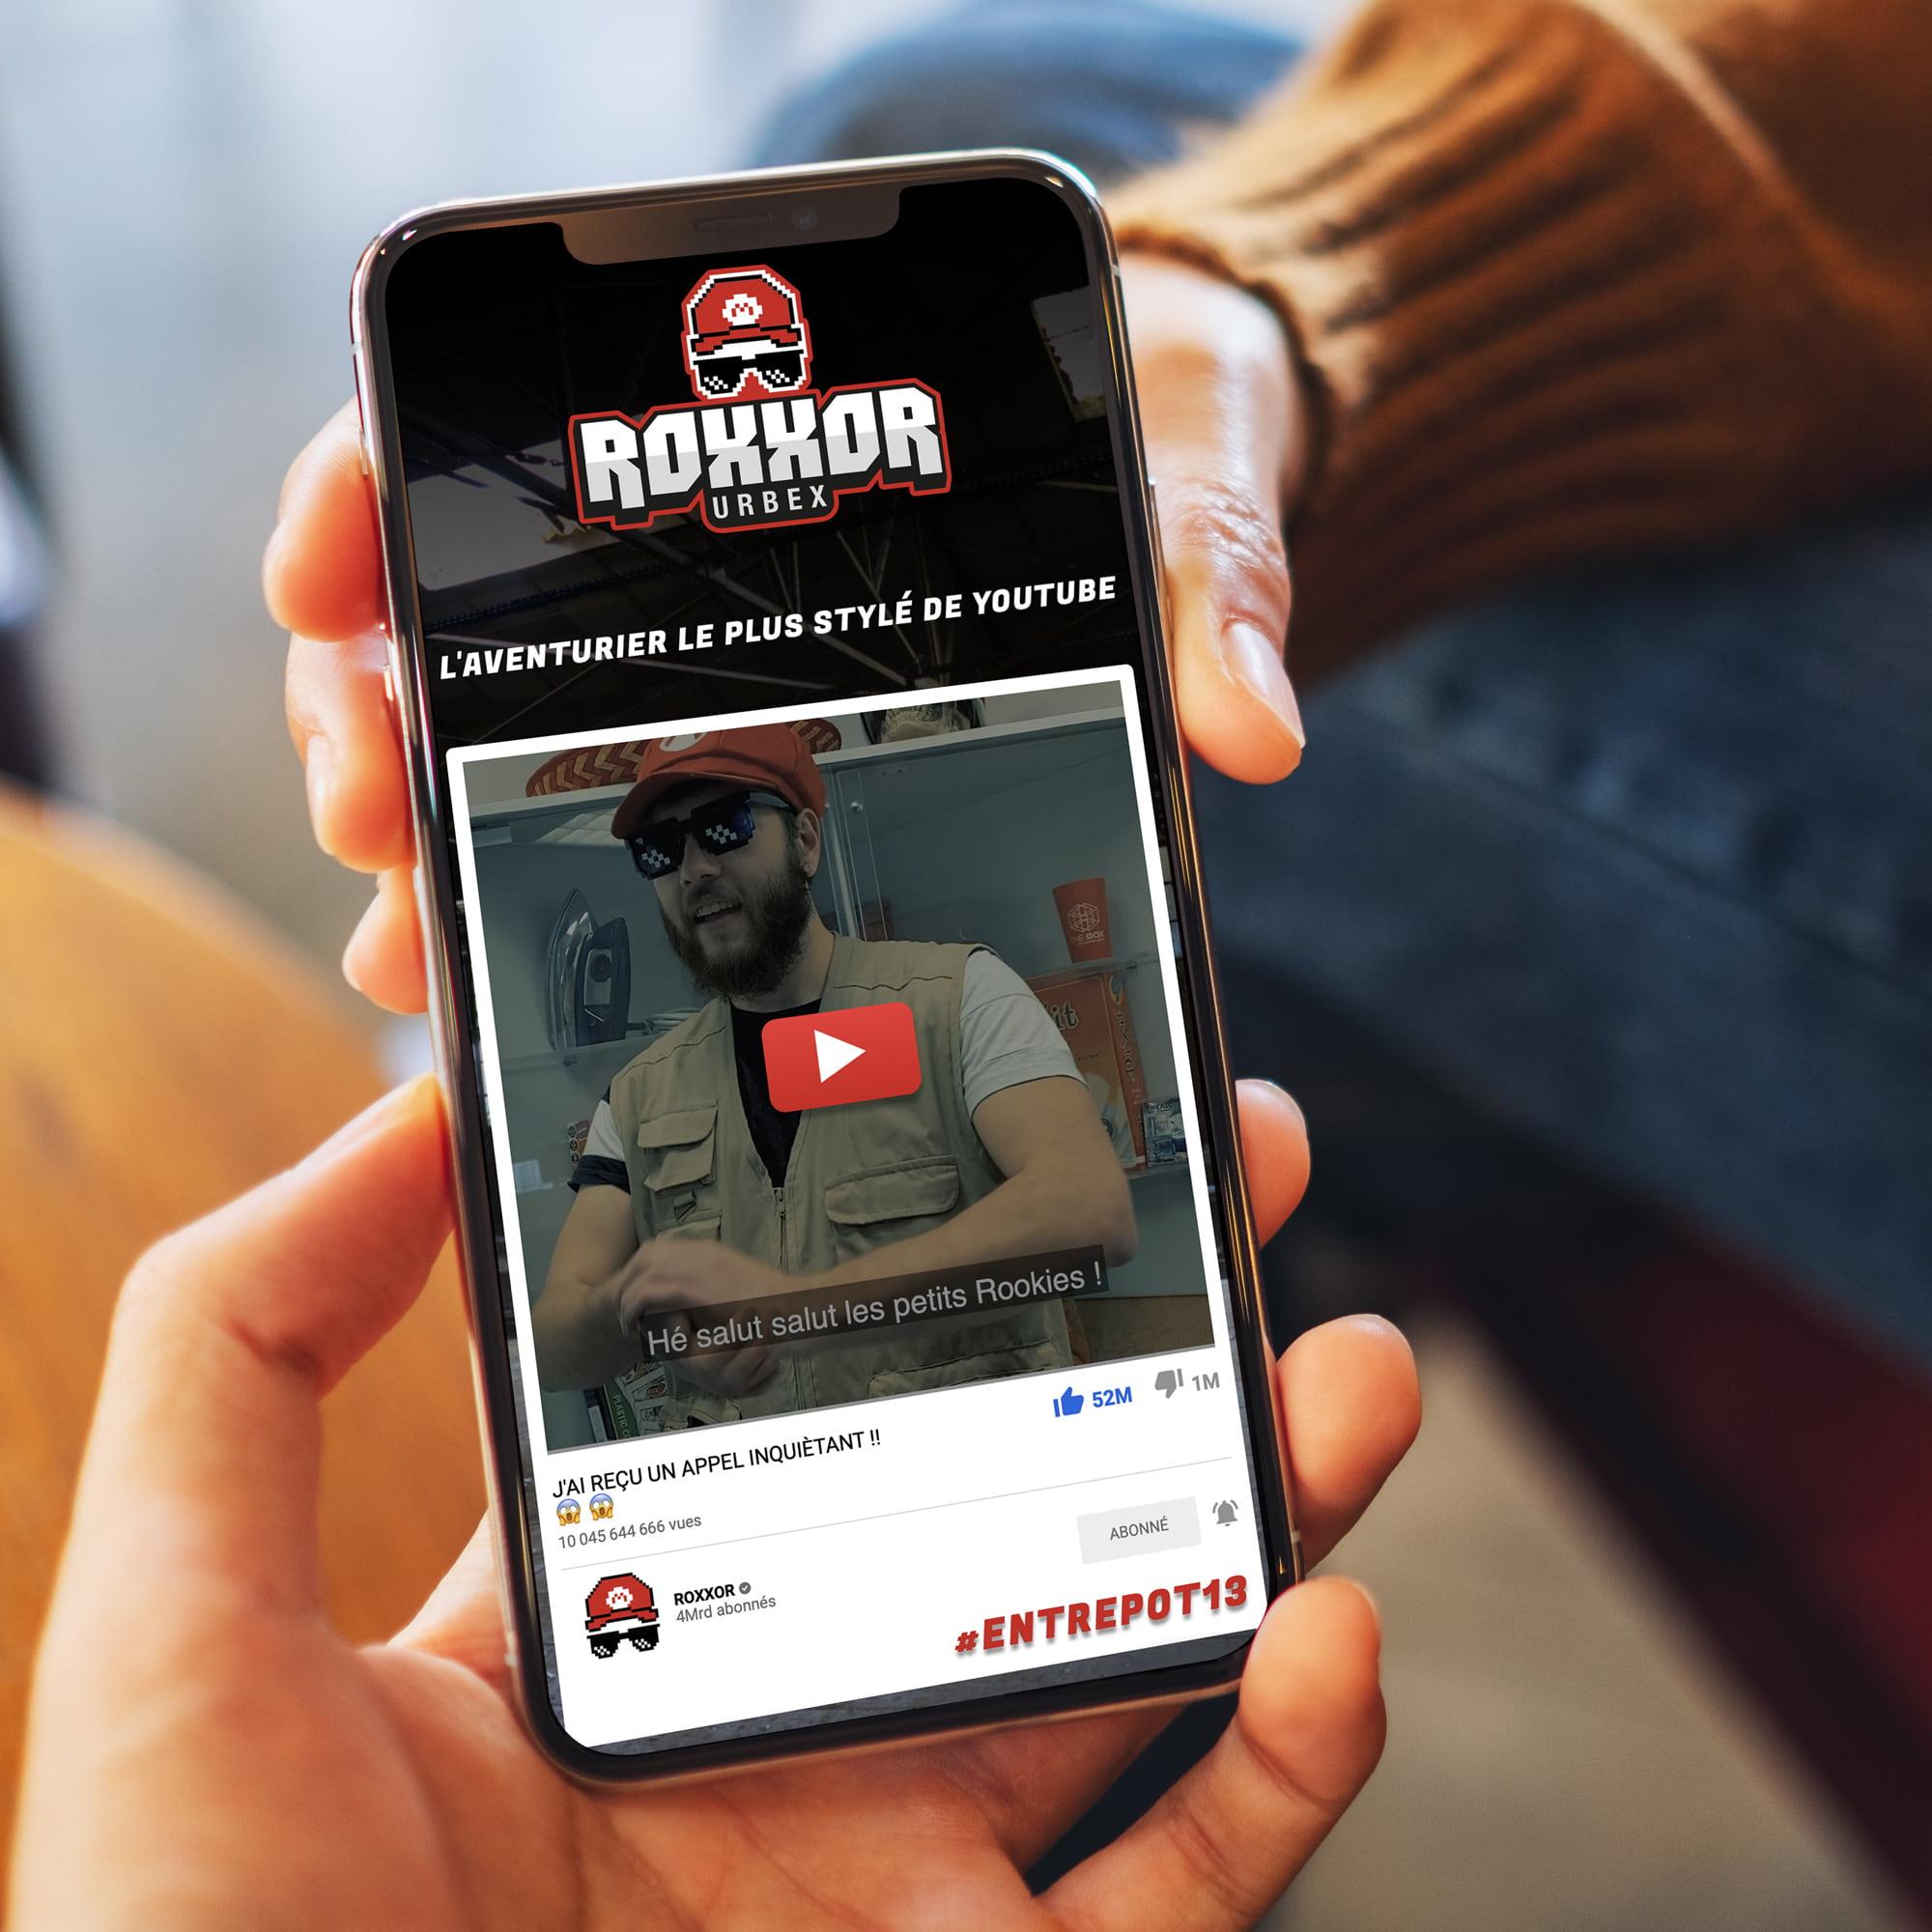 Application web d'Entrepôt 13 présentée sur un téléphone portable